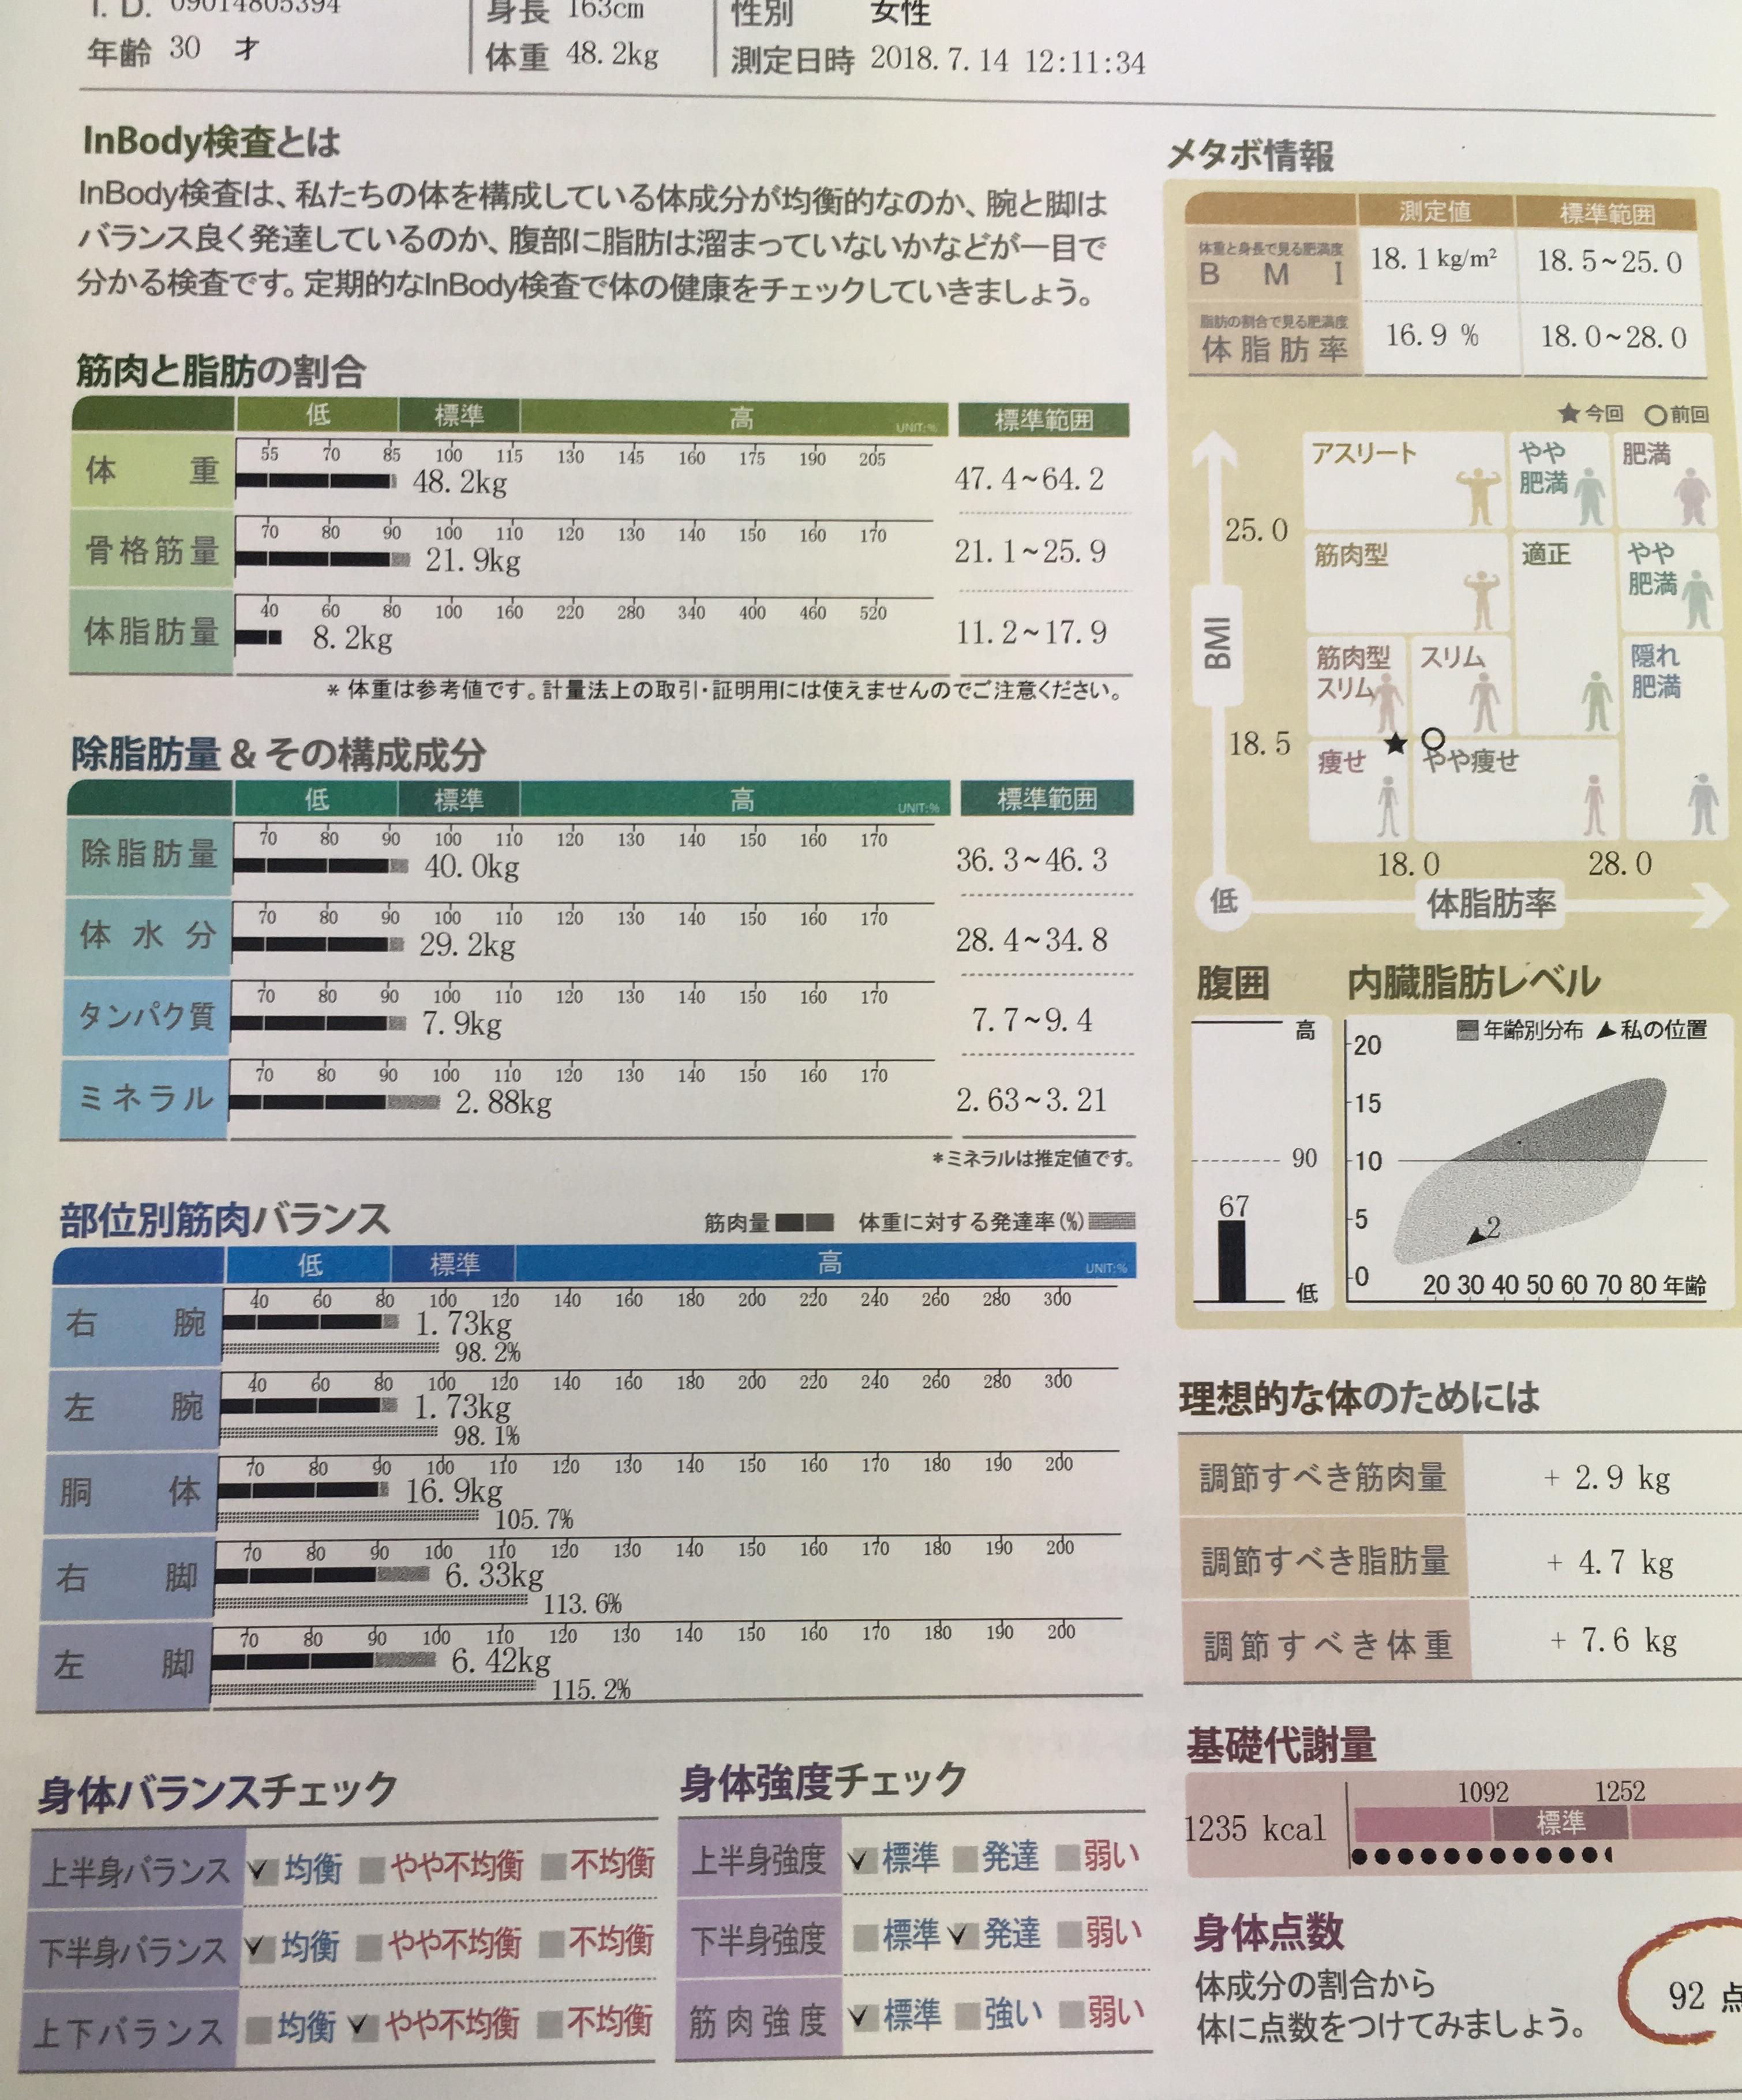 46B11592-C61C-4B39-90D1-C86F62A7232B